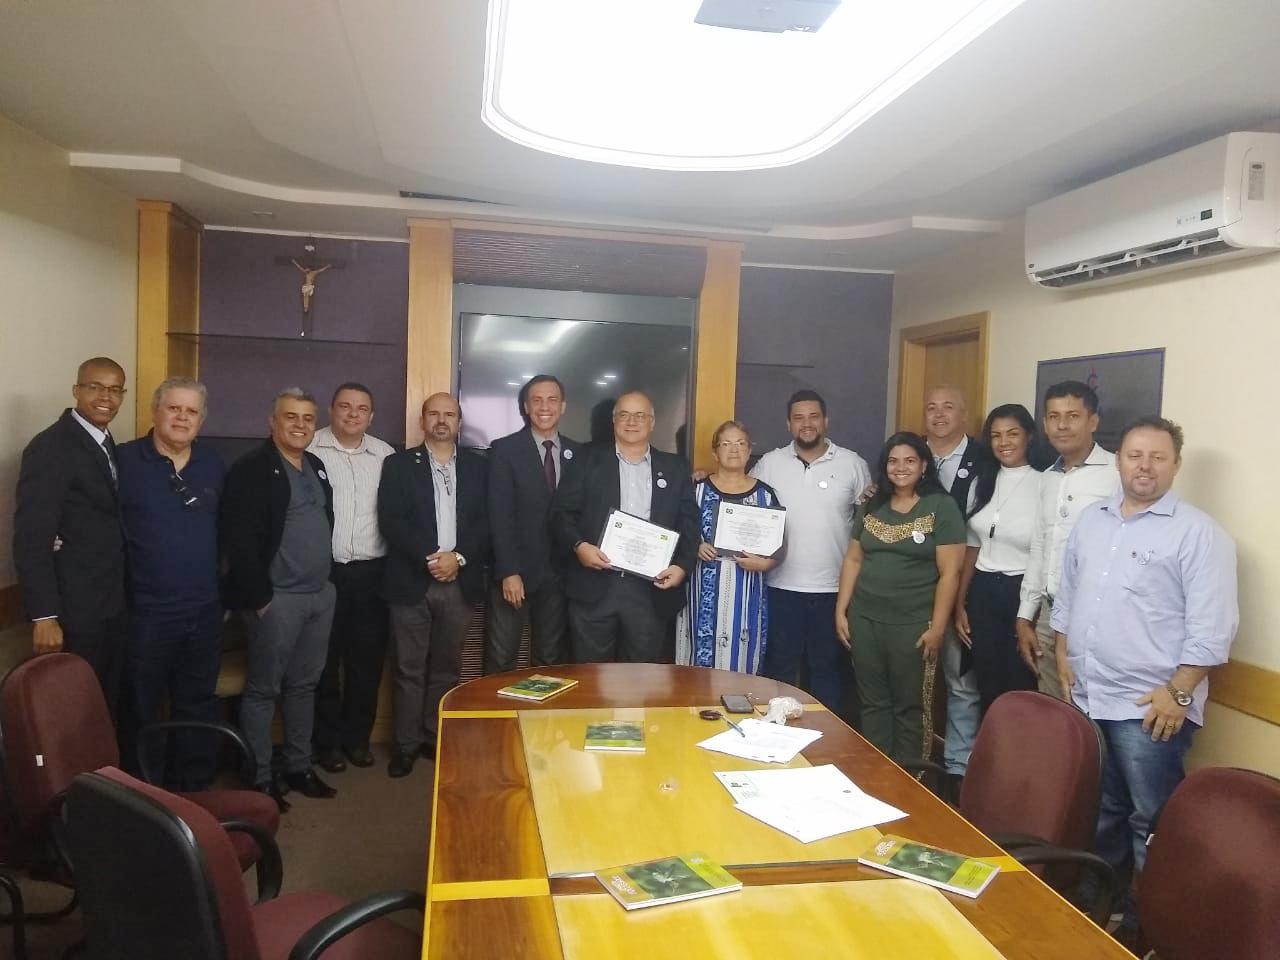 Delegados são empossados em Anápolis | CRECI-GO/ Conselho Regional de Corretores de Imóveis de Goiás